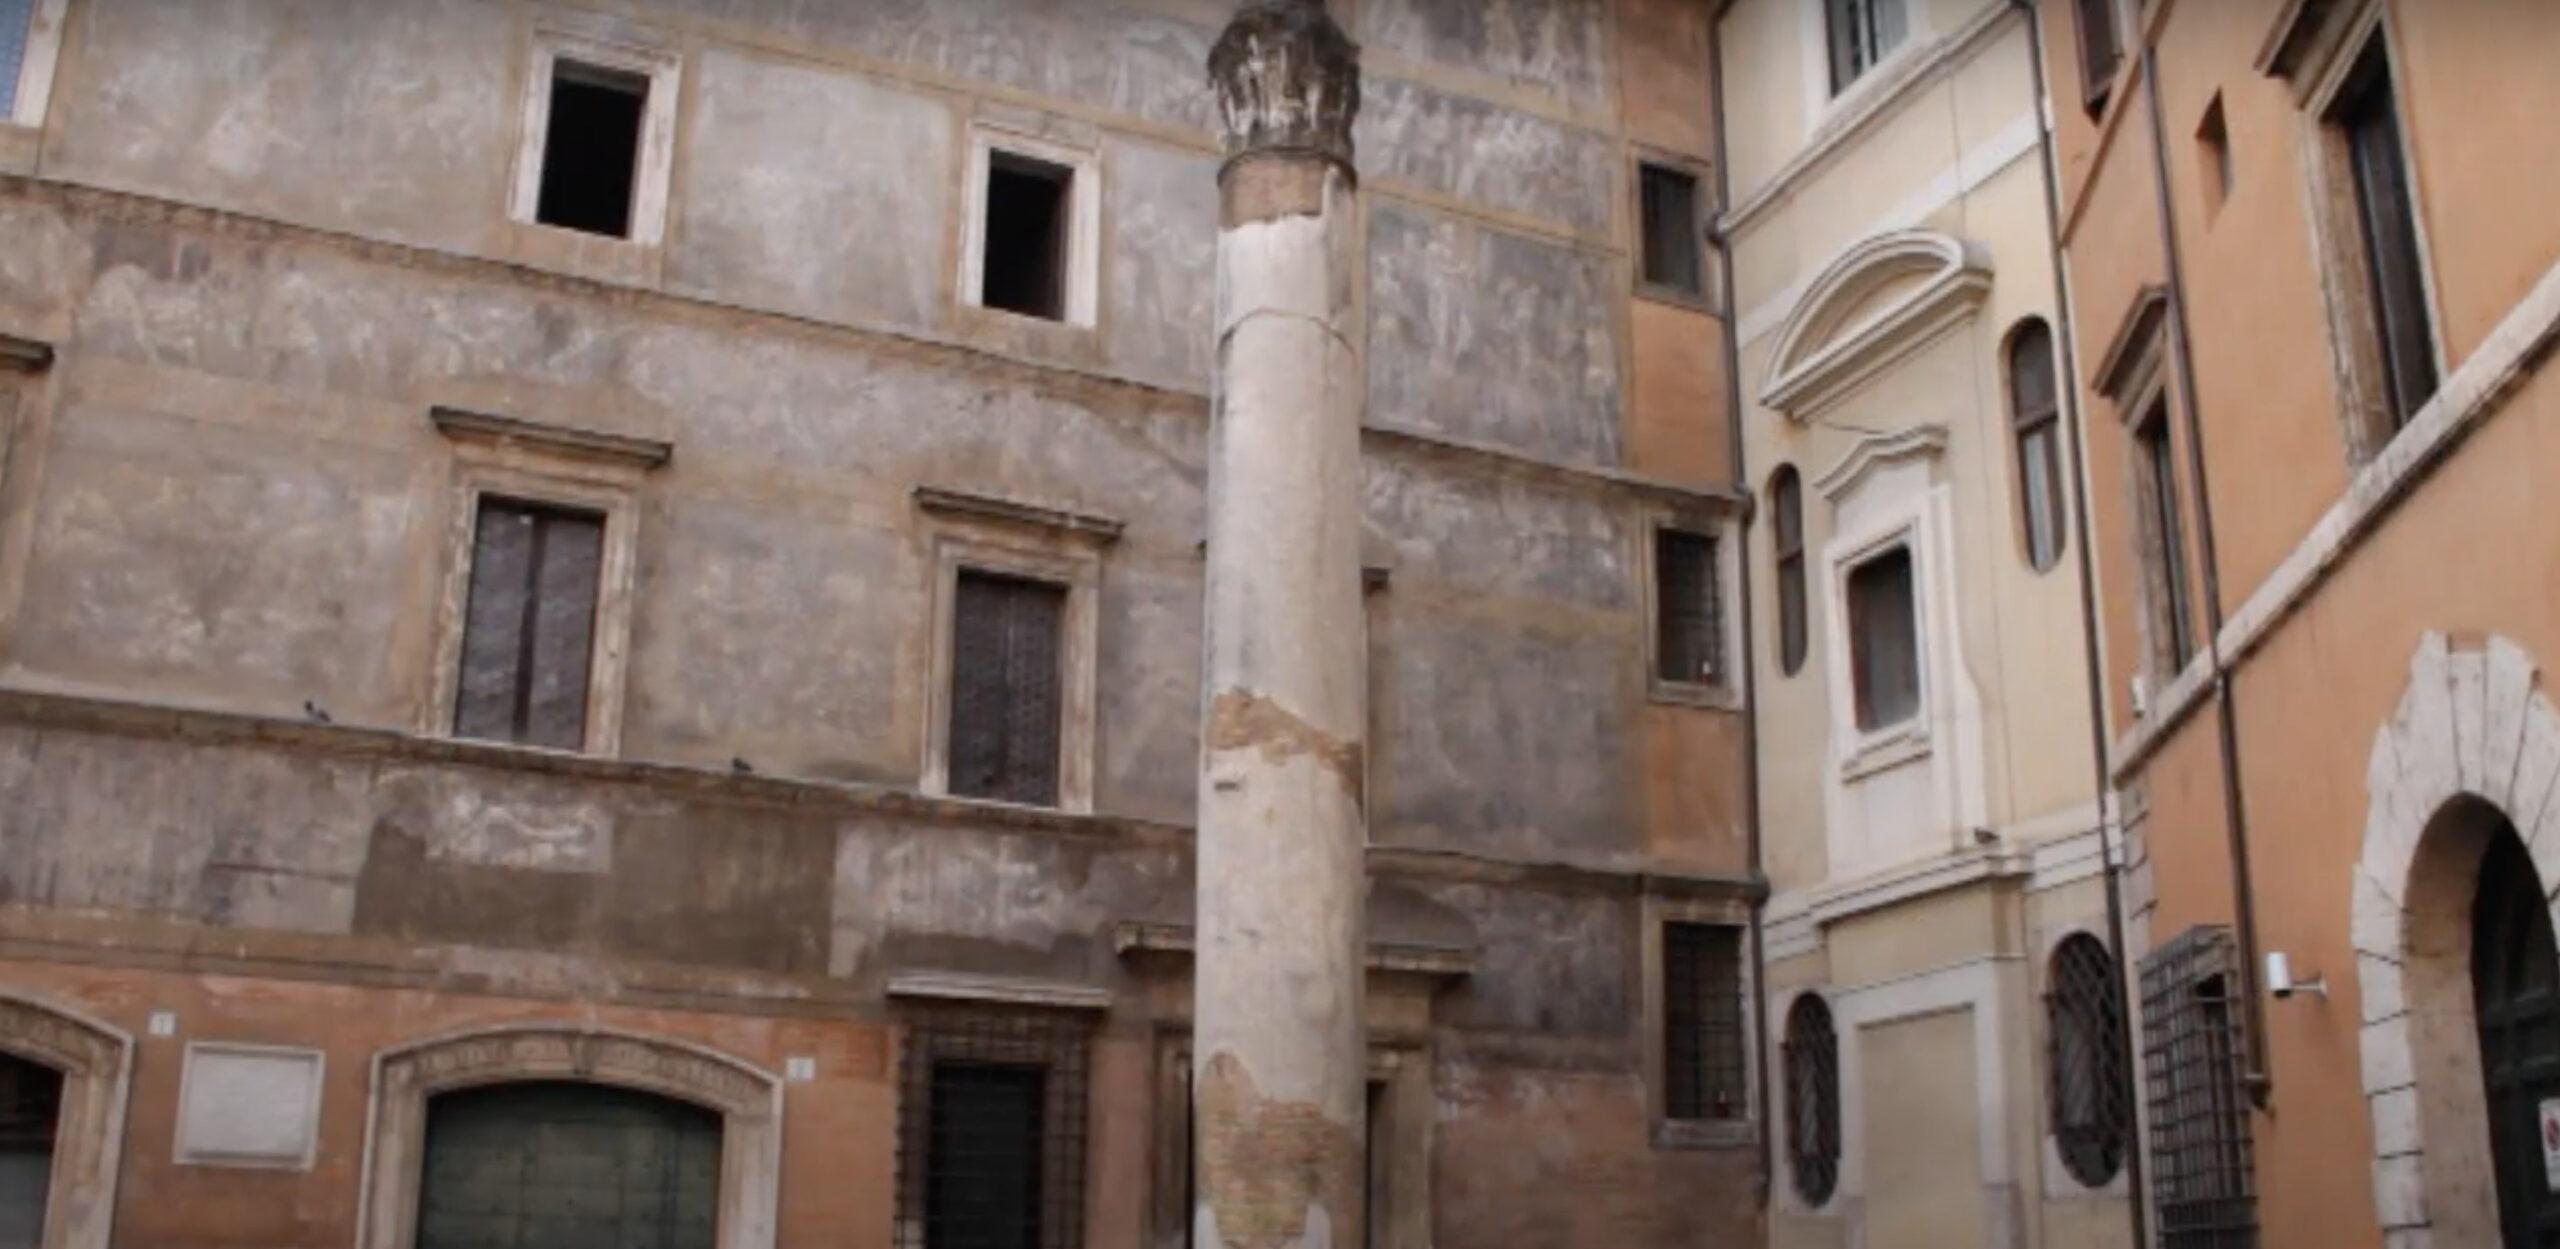 Odeum of Domitian (Odeon of Domitian)